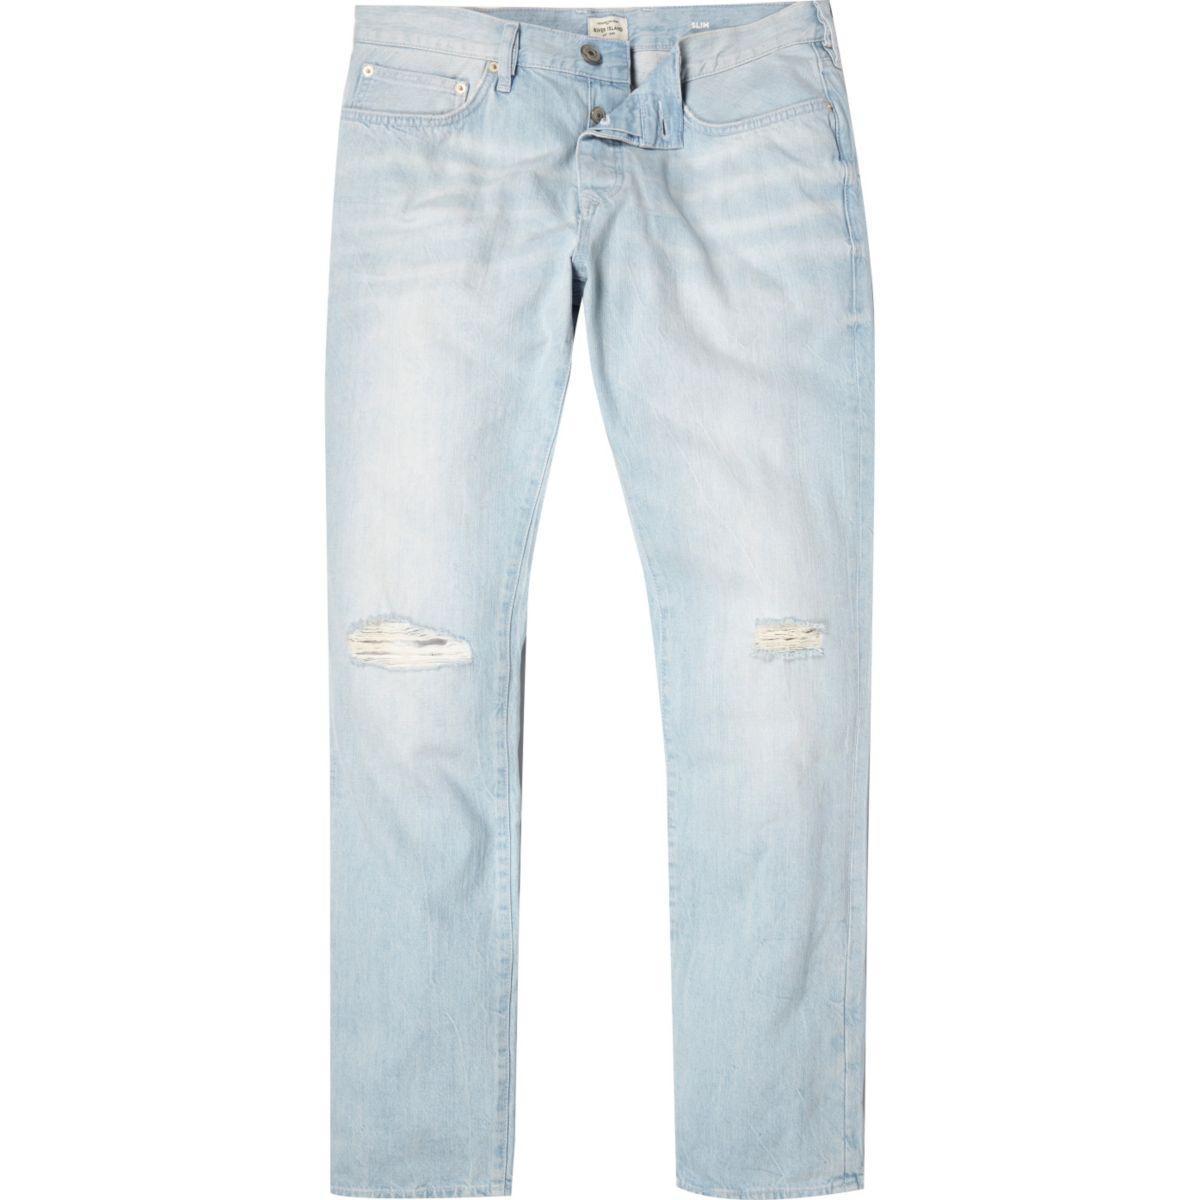 Light wash Dylan slim jeans